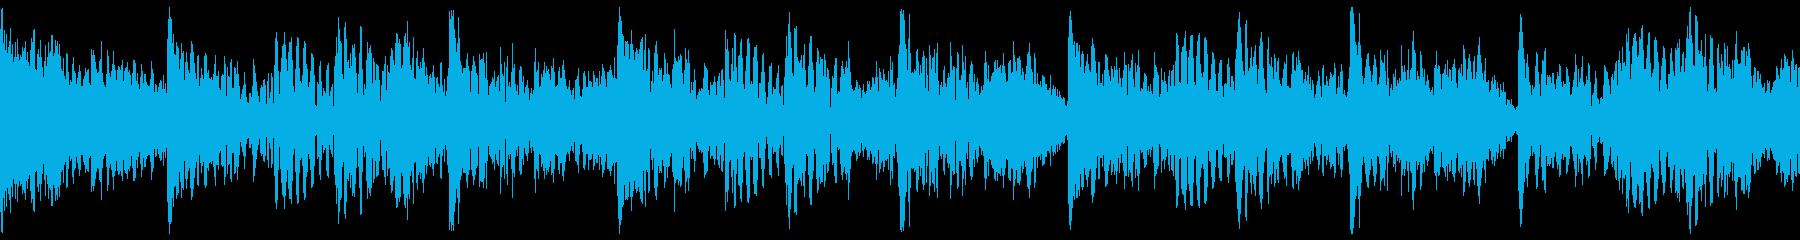 和楽器 民族楽器 太鼓 囃子 祭 掛け声の再生済みの波形